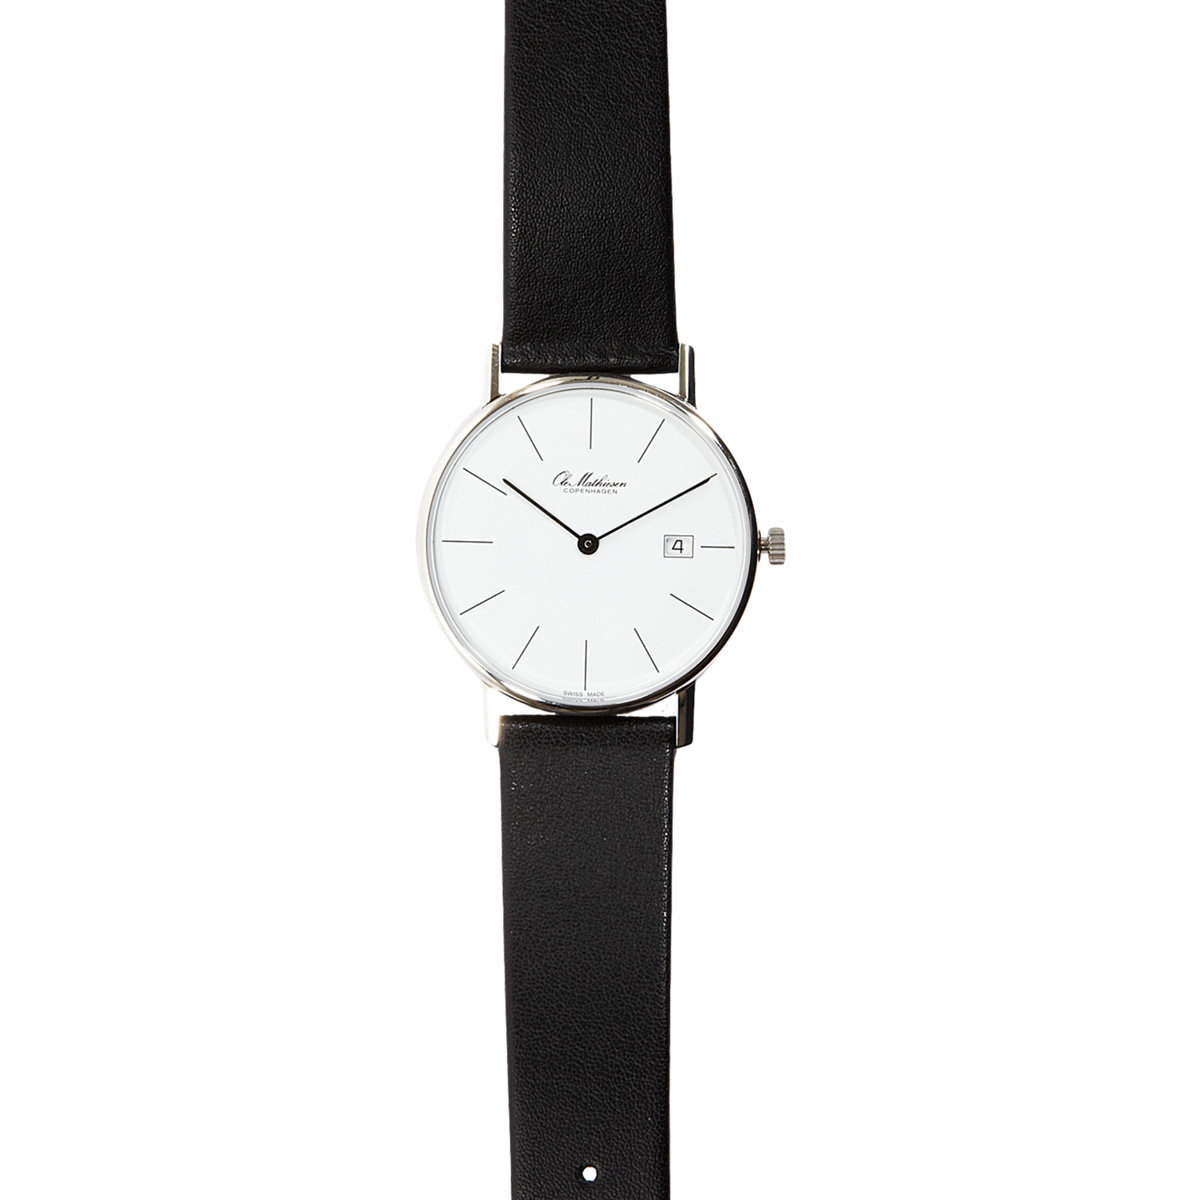 Ole mathiesen Men's Round-face Watch in Black for Men   Lyst